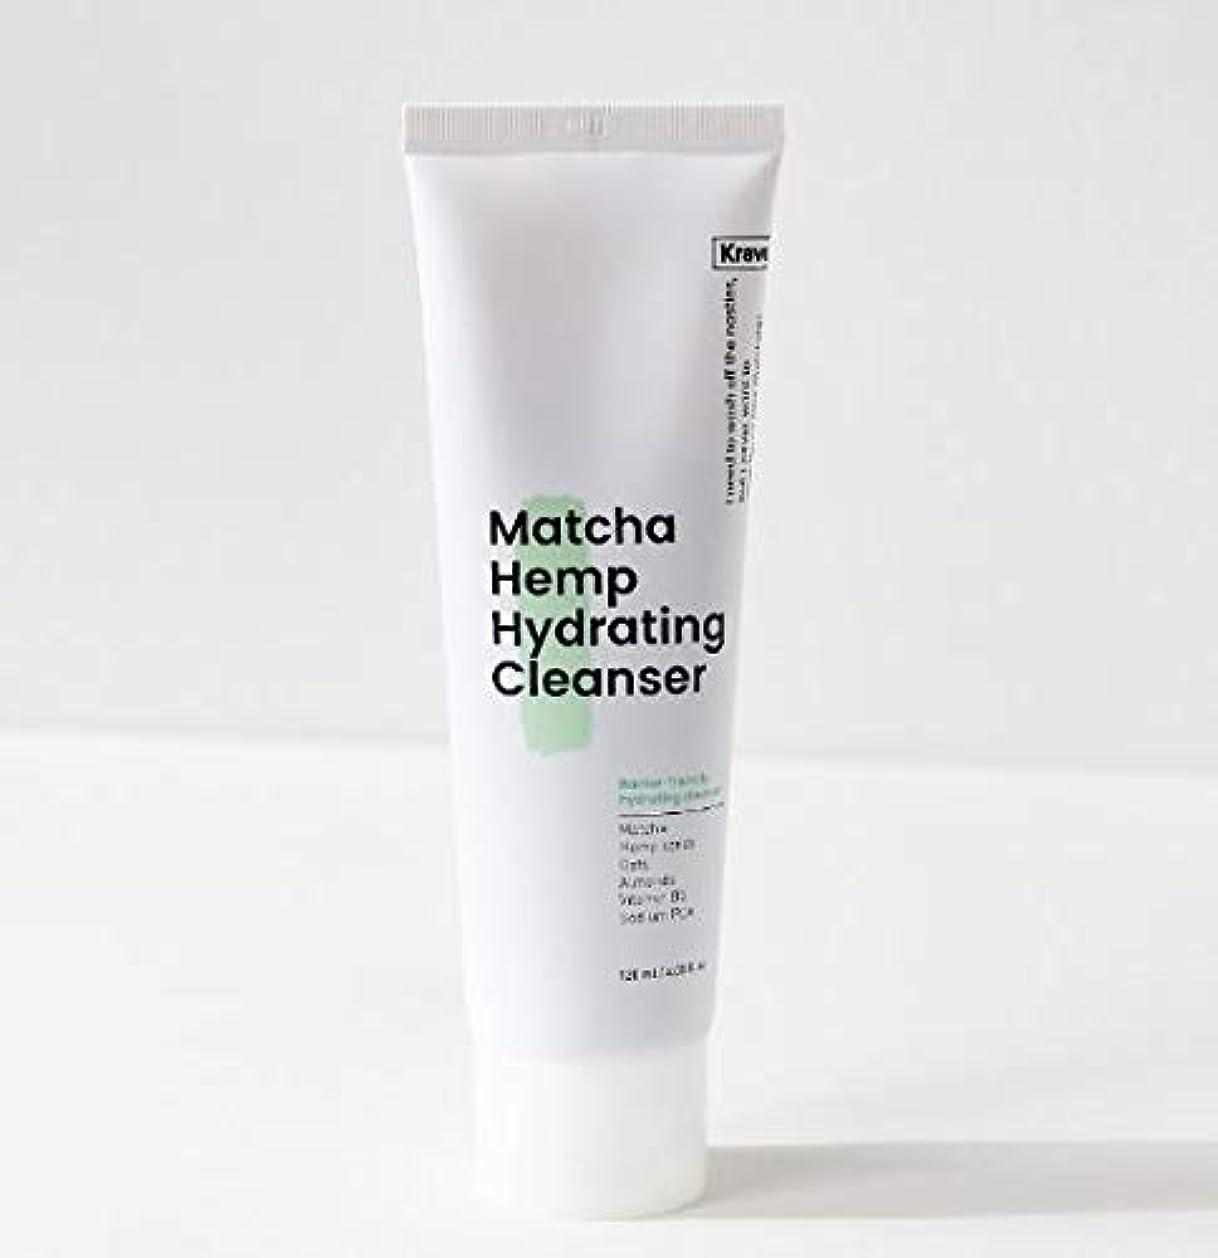 考案する賞賛するくま[Krave] Matcha Hemp Hydrating Cleanser 120ml / 抹茶ハイドレイティングクレンザー120ml [並行輸入品]